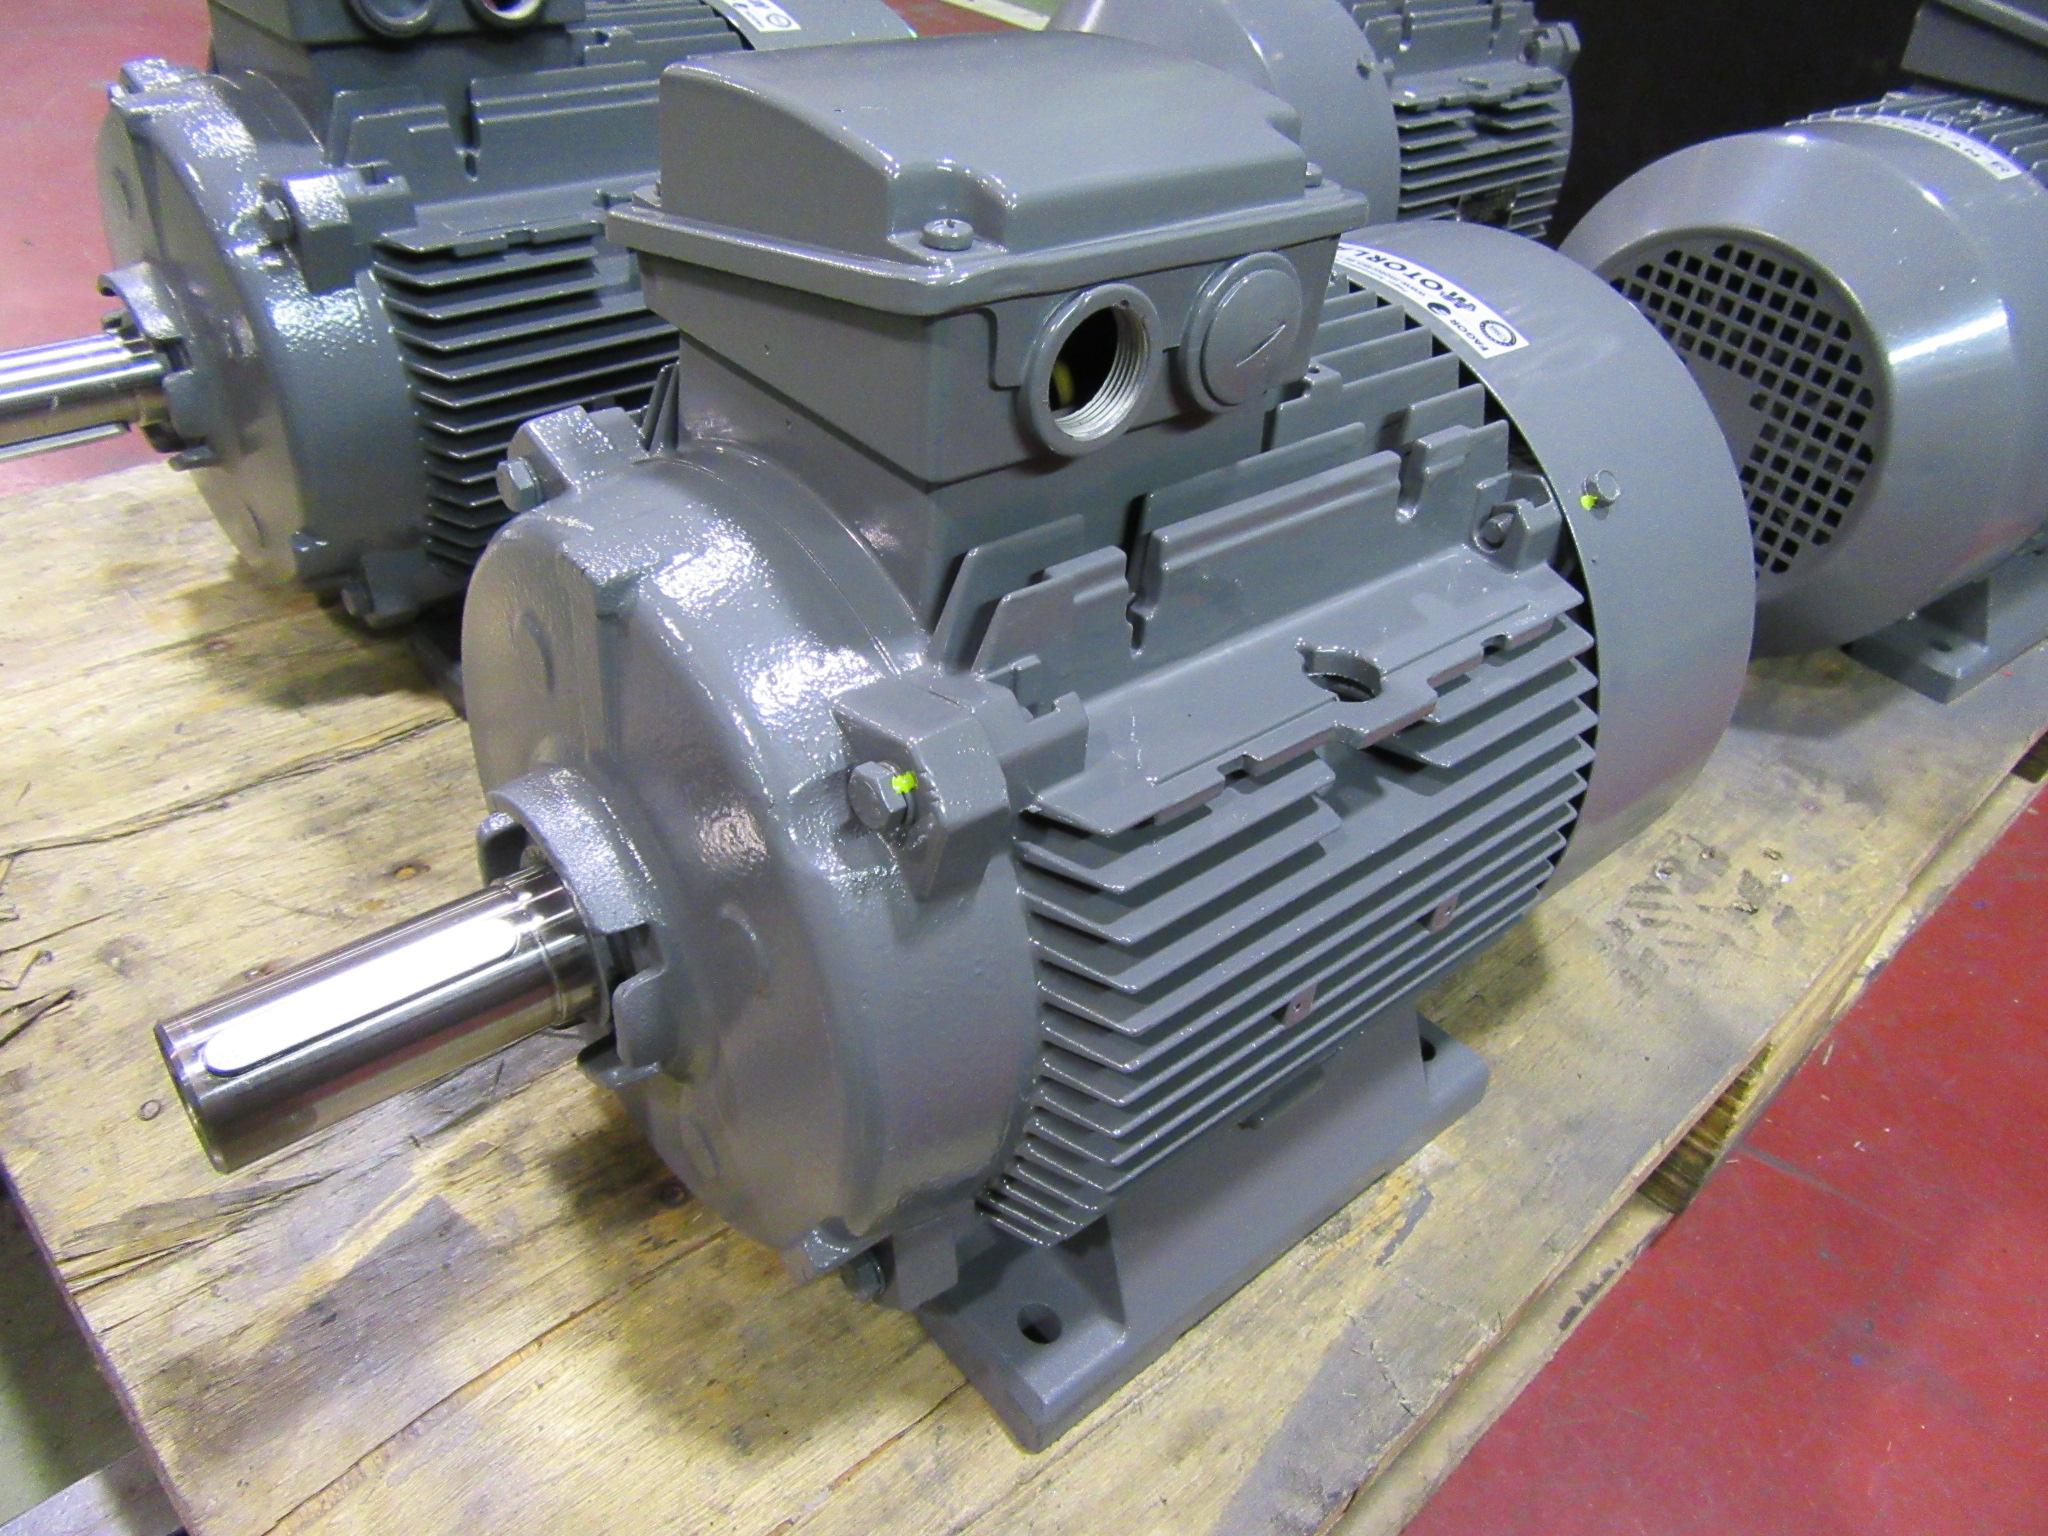 Motor C A Aeg 7 5 Kw 1 500 Rpm Motorlan